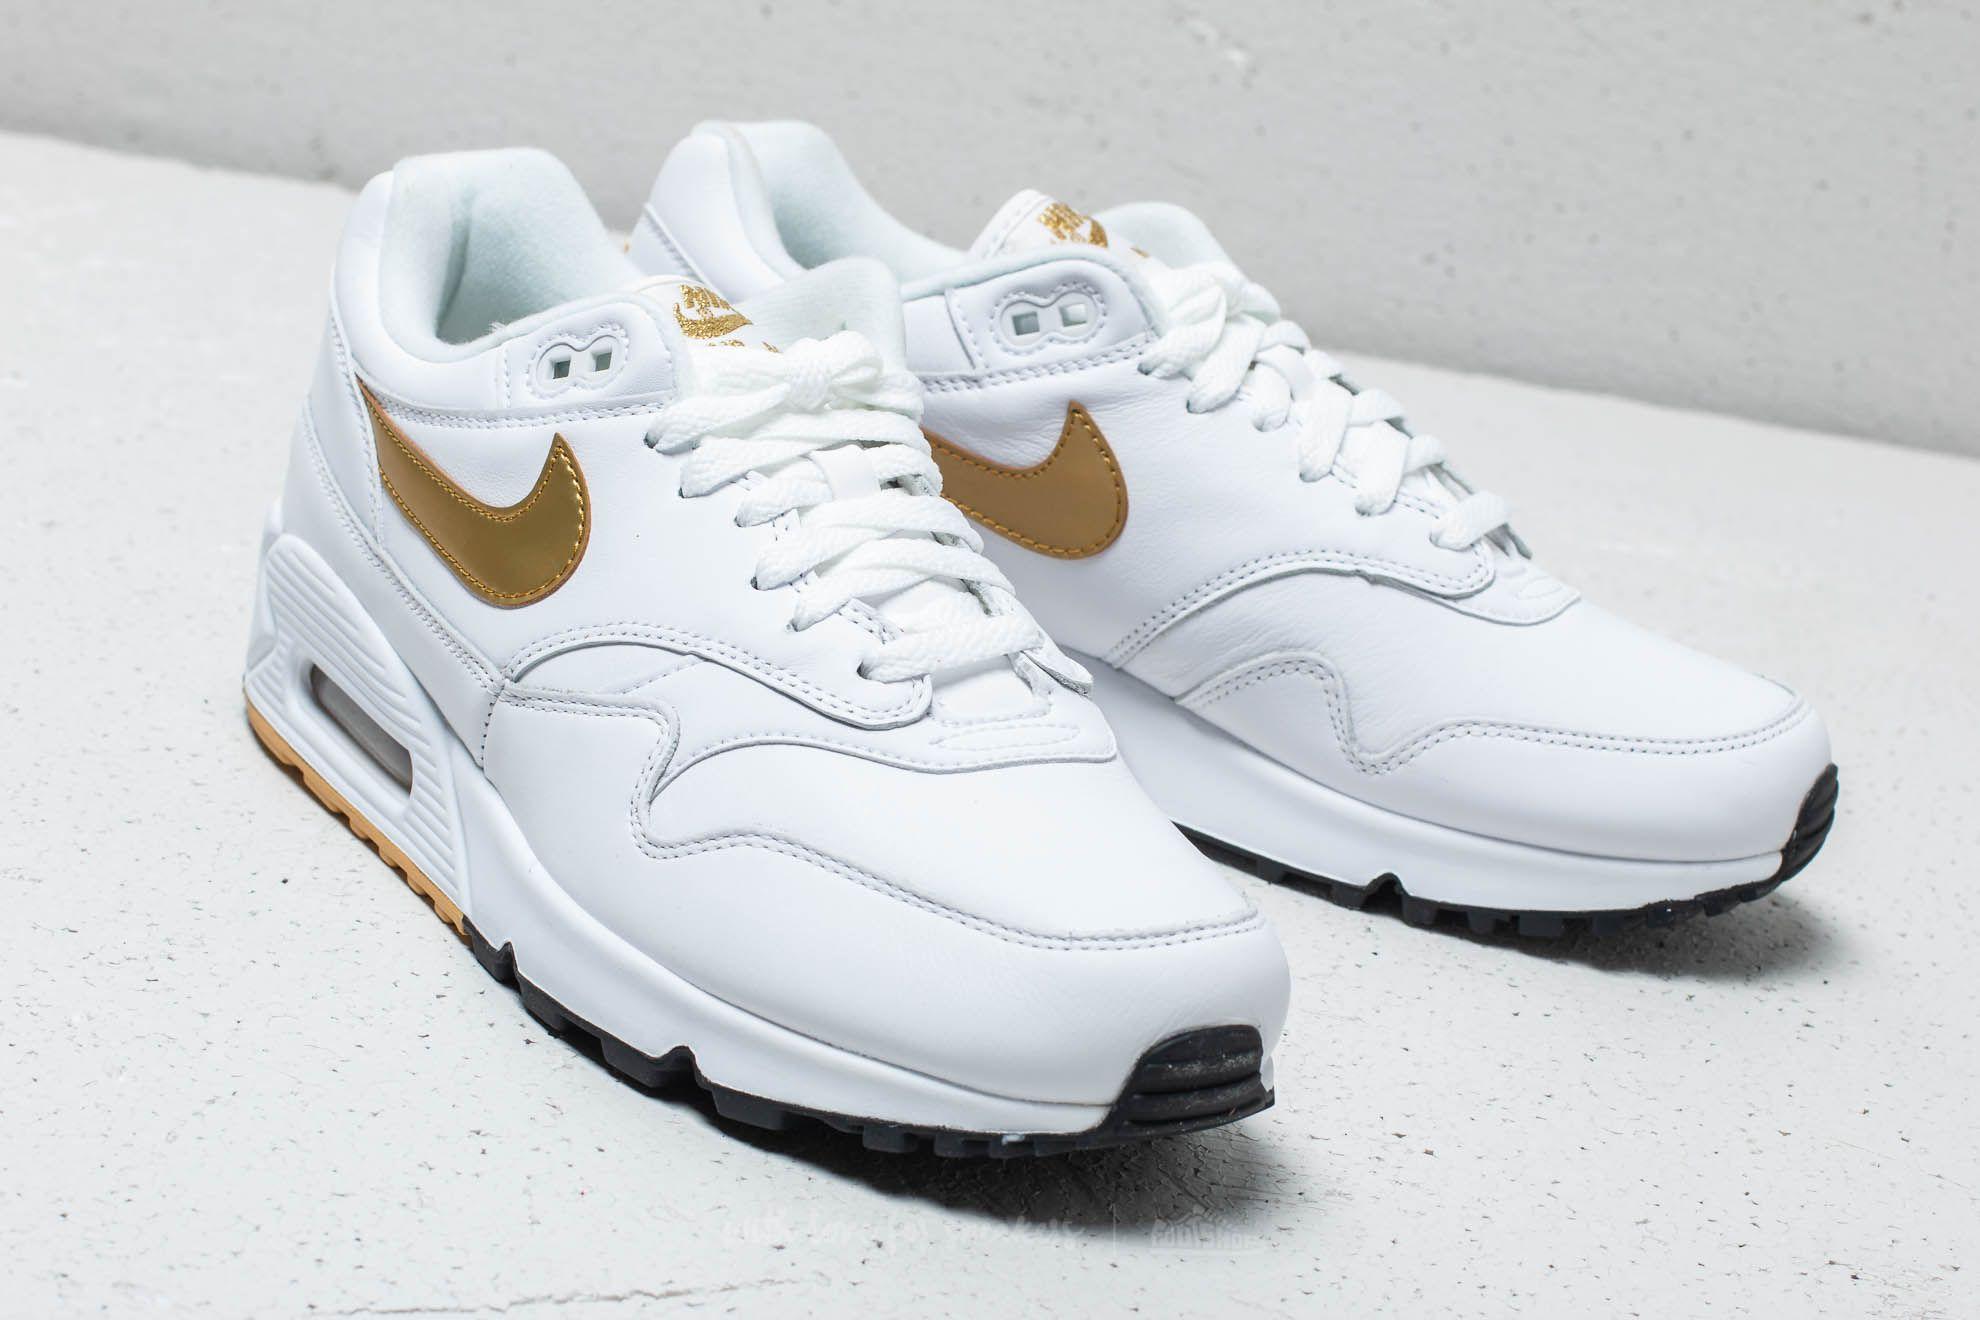 Nike Gold BlackFootshop Air Max 1 Metallic 90 White 2Ib9WEHeDY